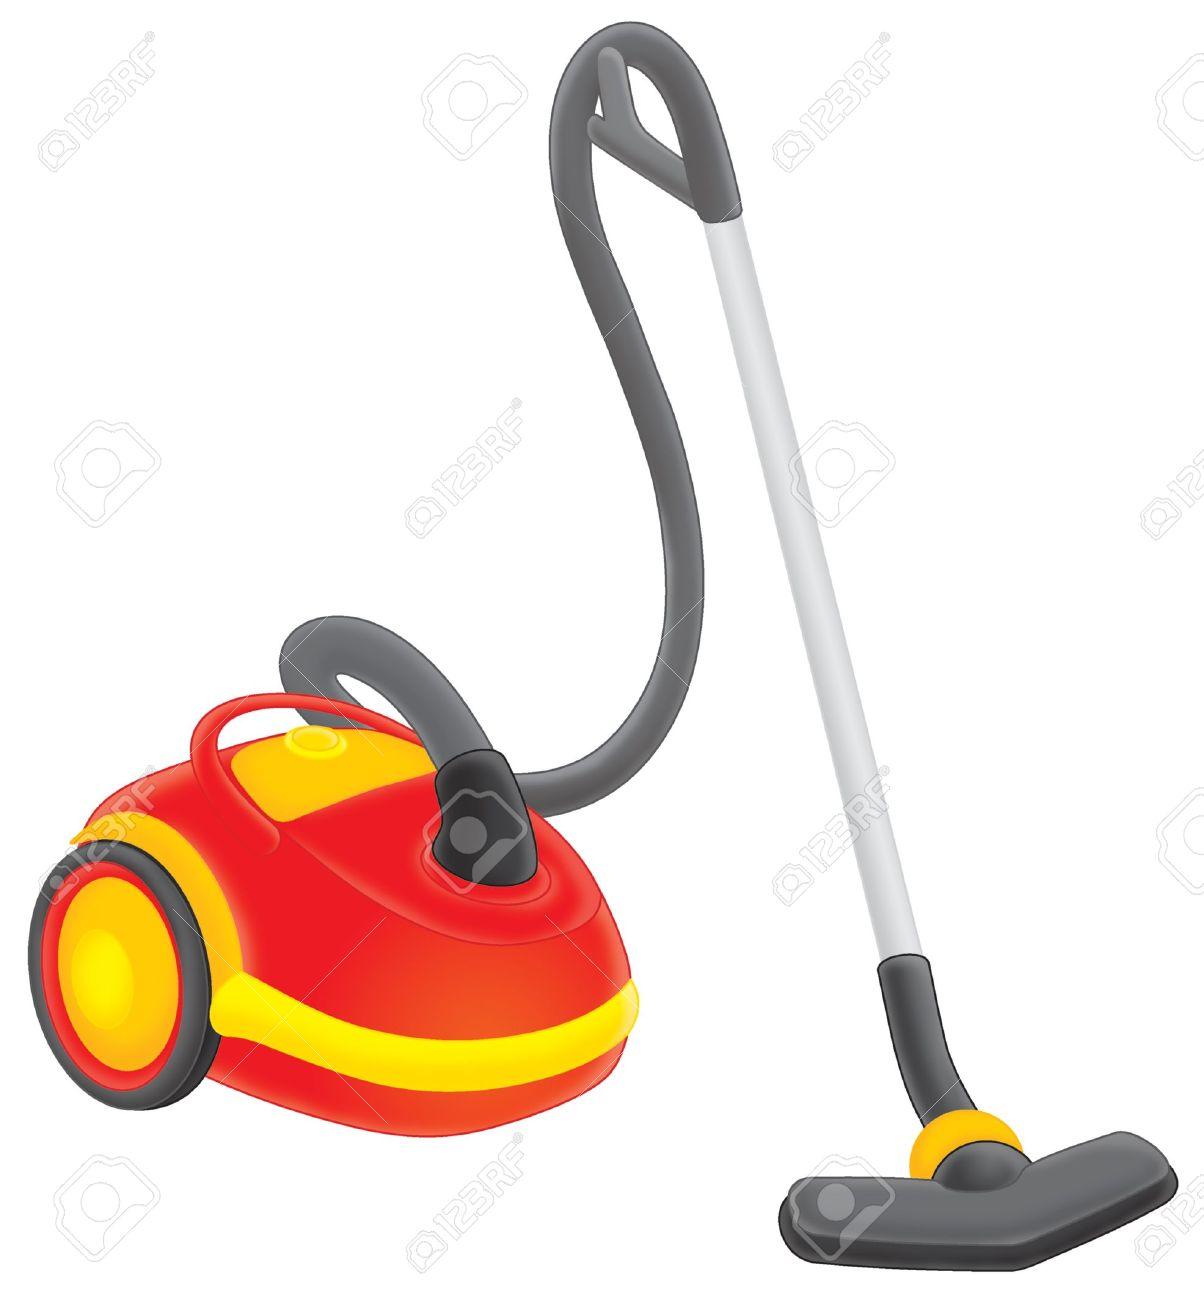 776 Vacuum free clipart.